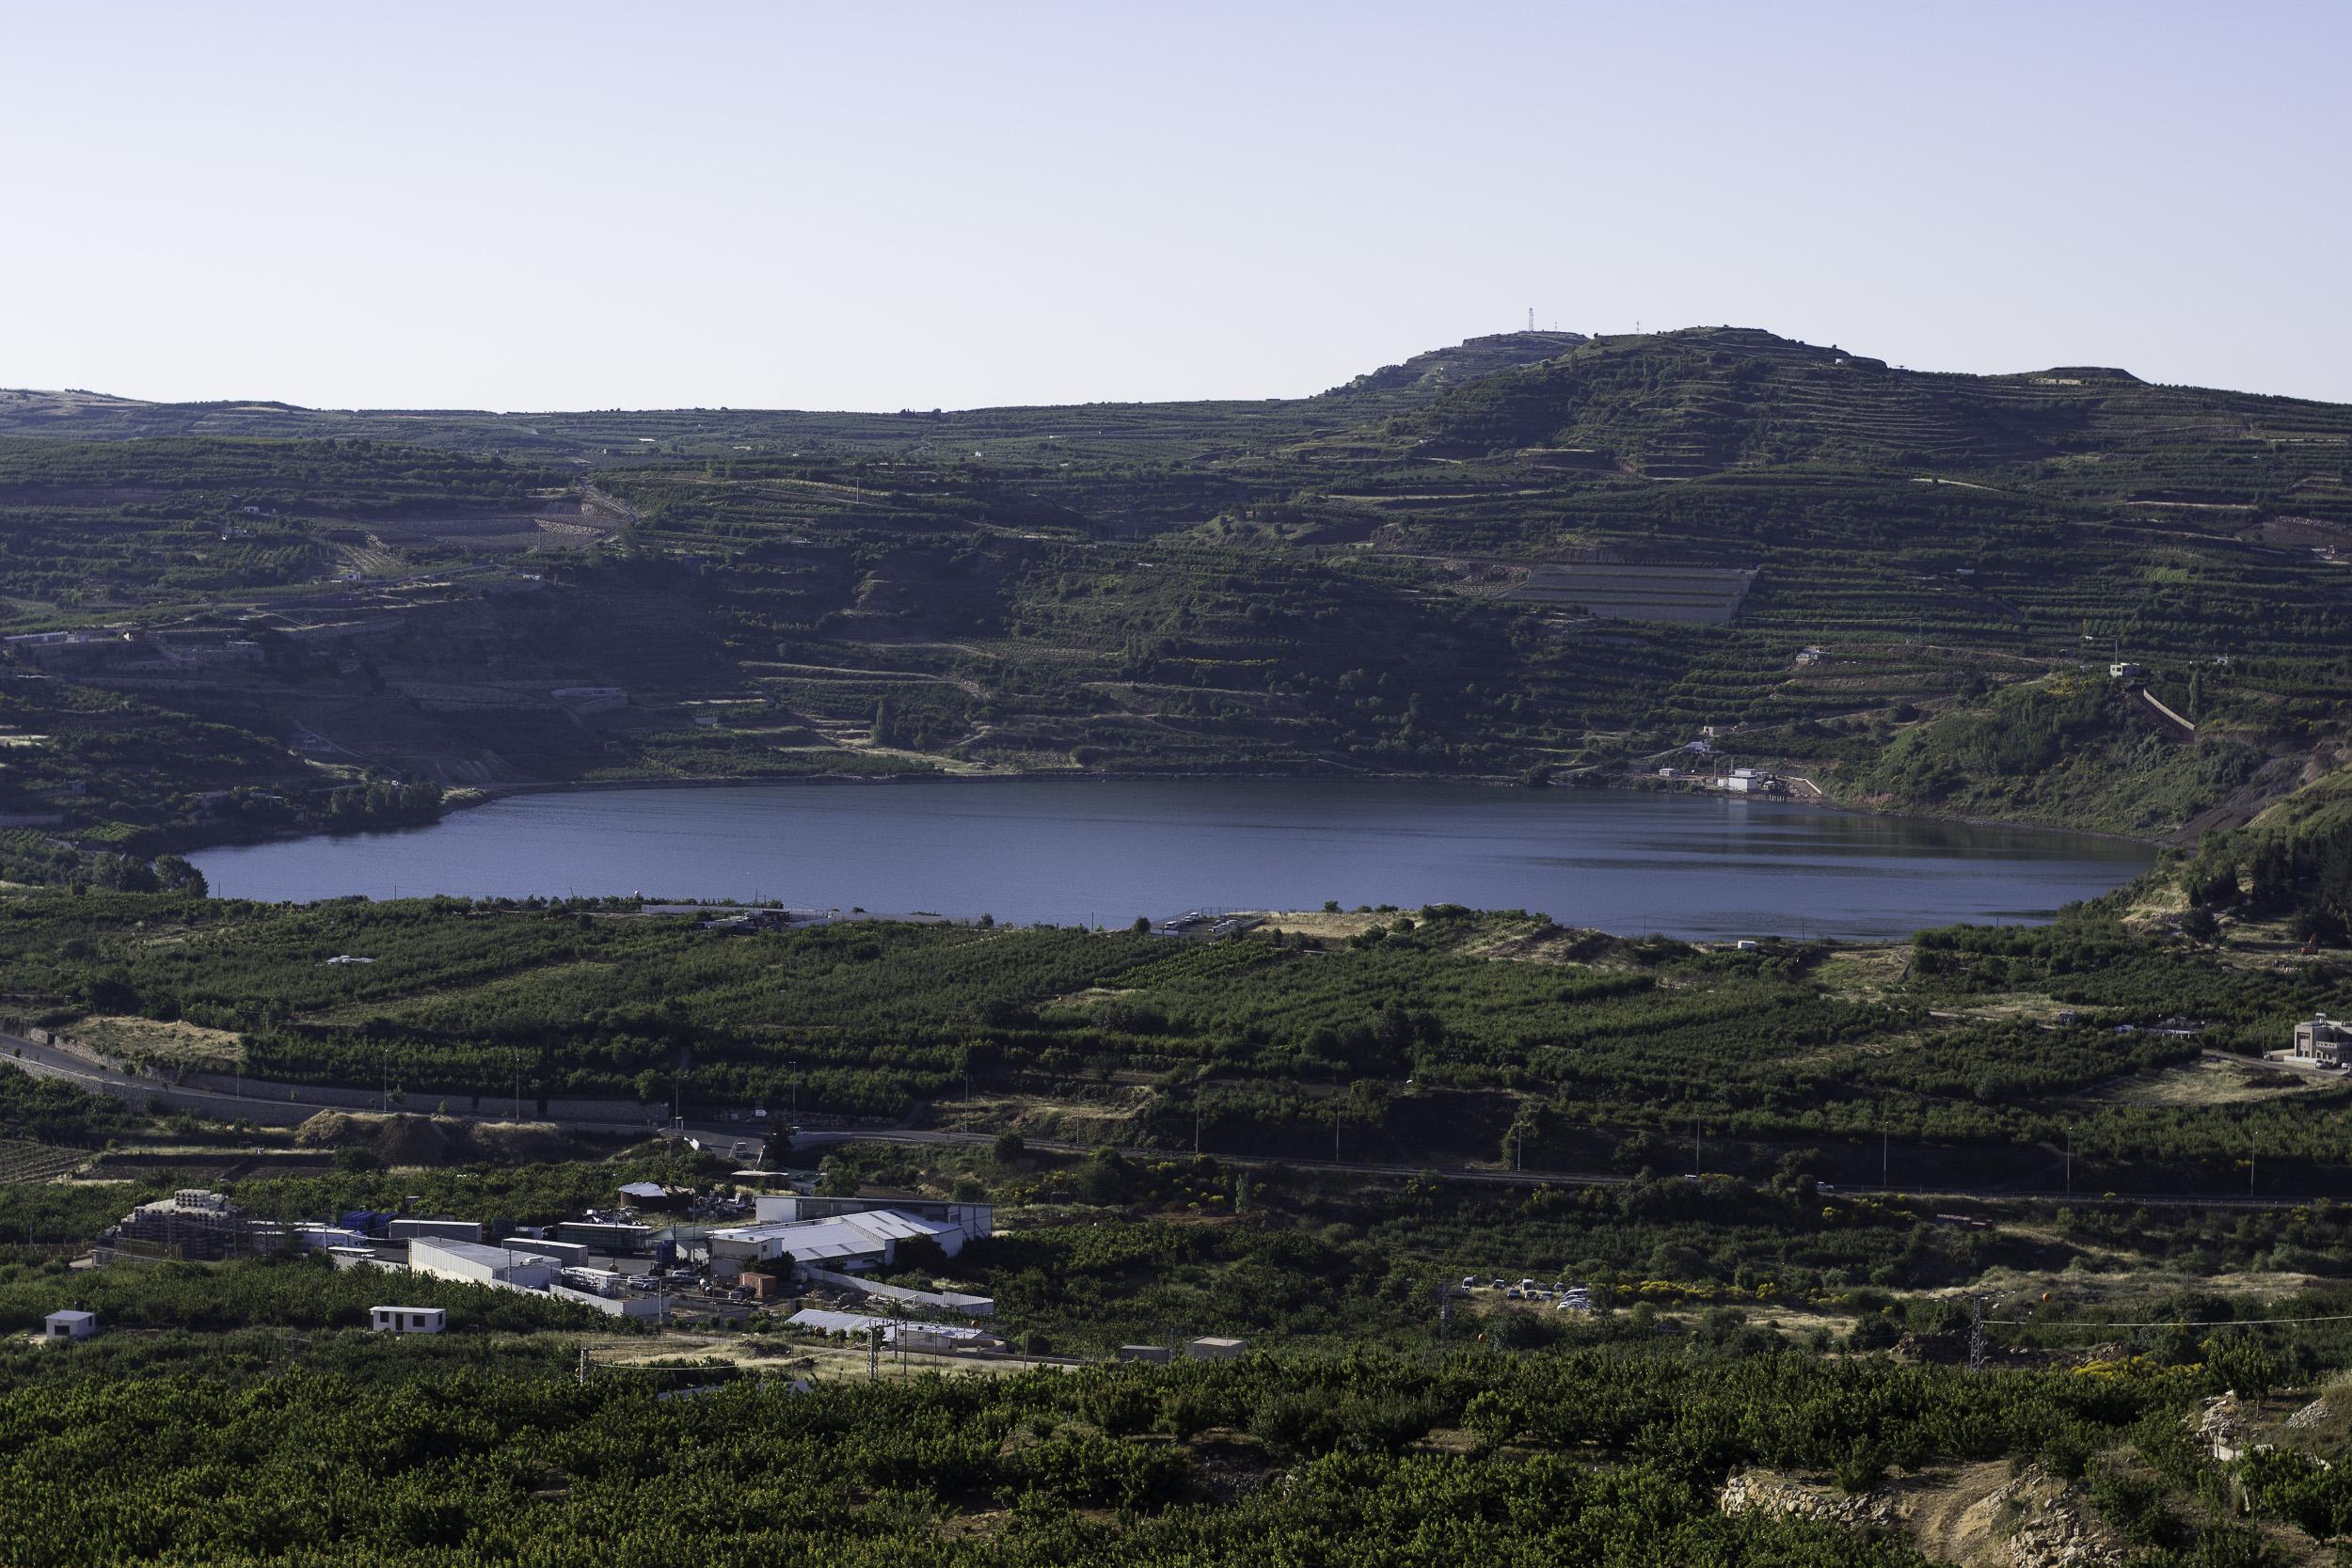 The crater lake Birkat Ram